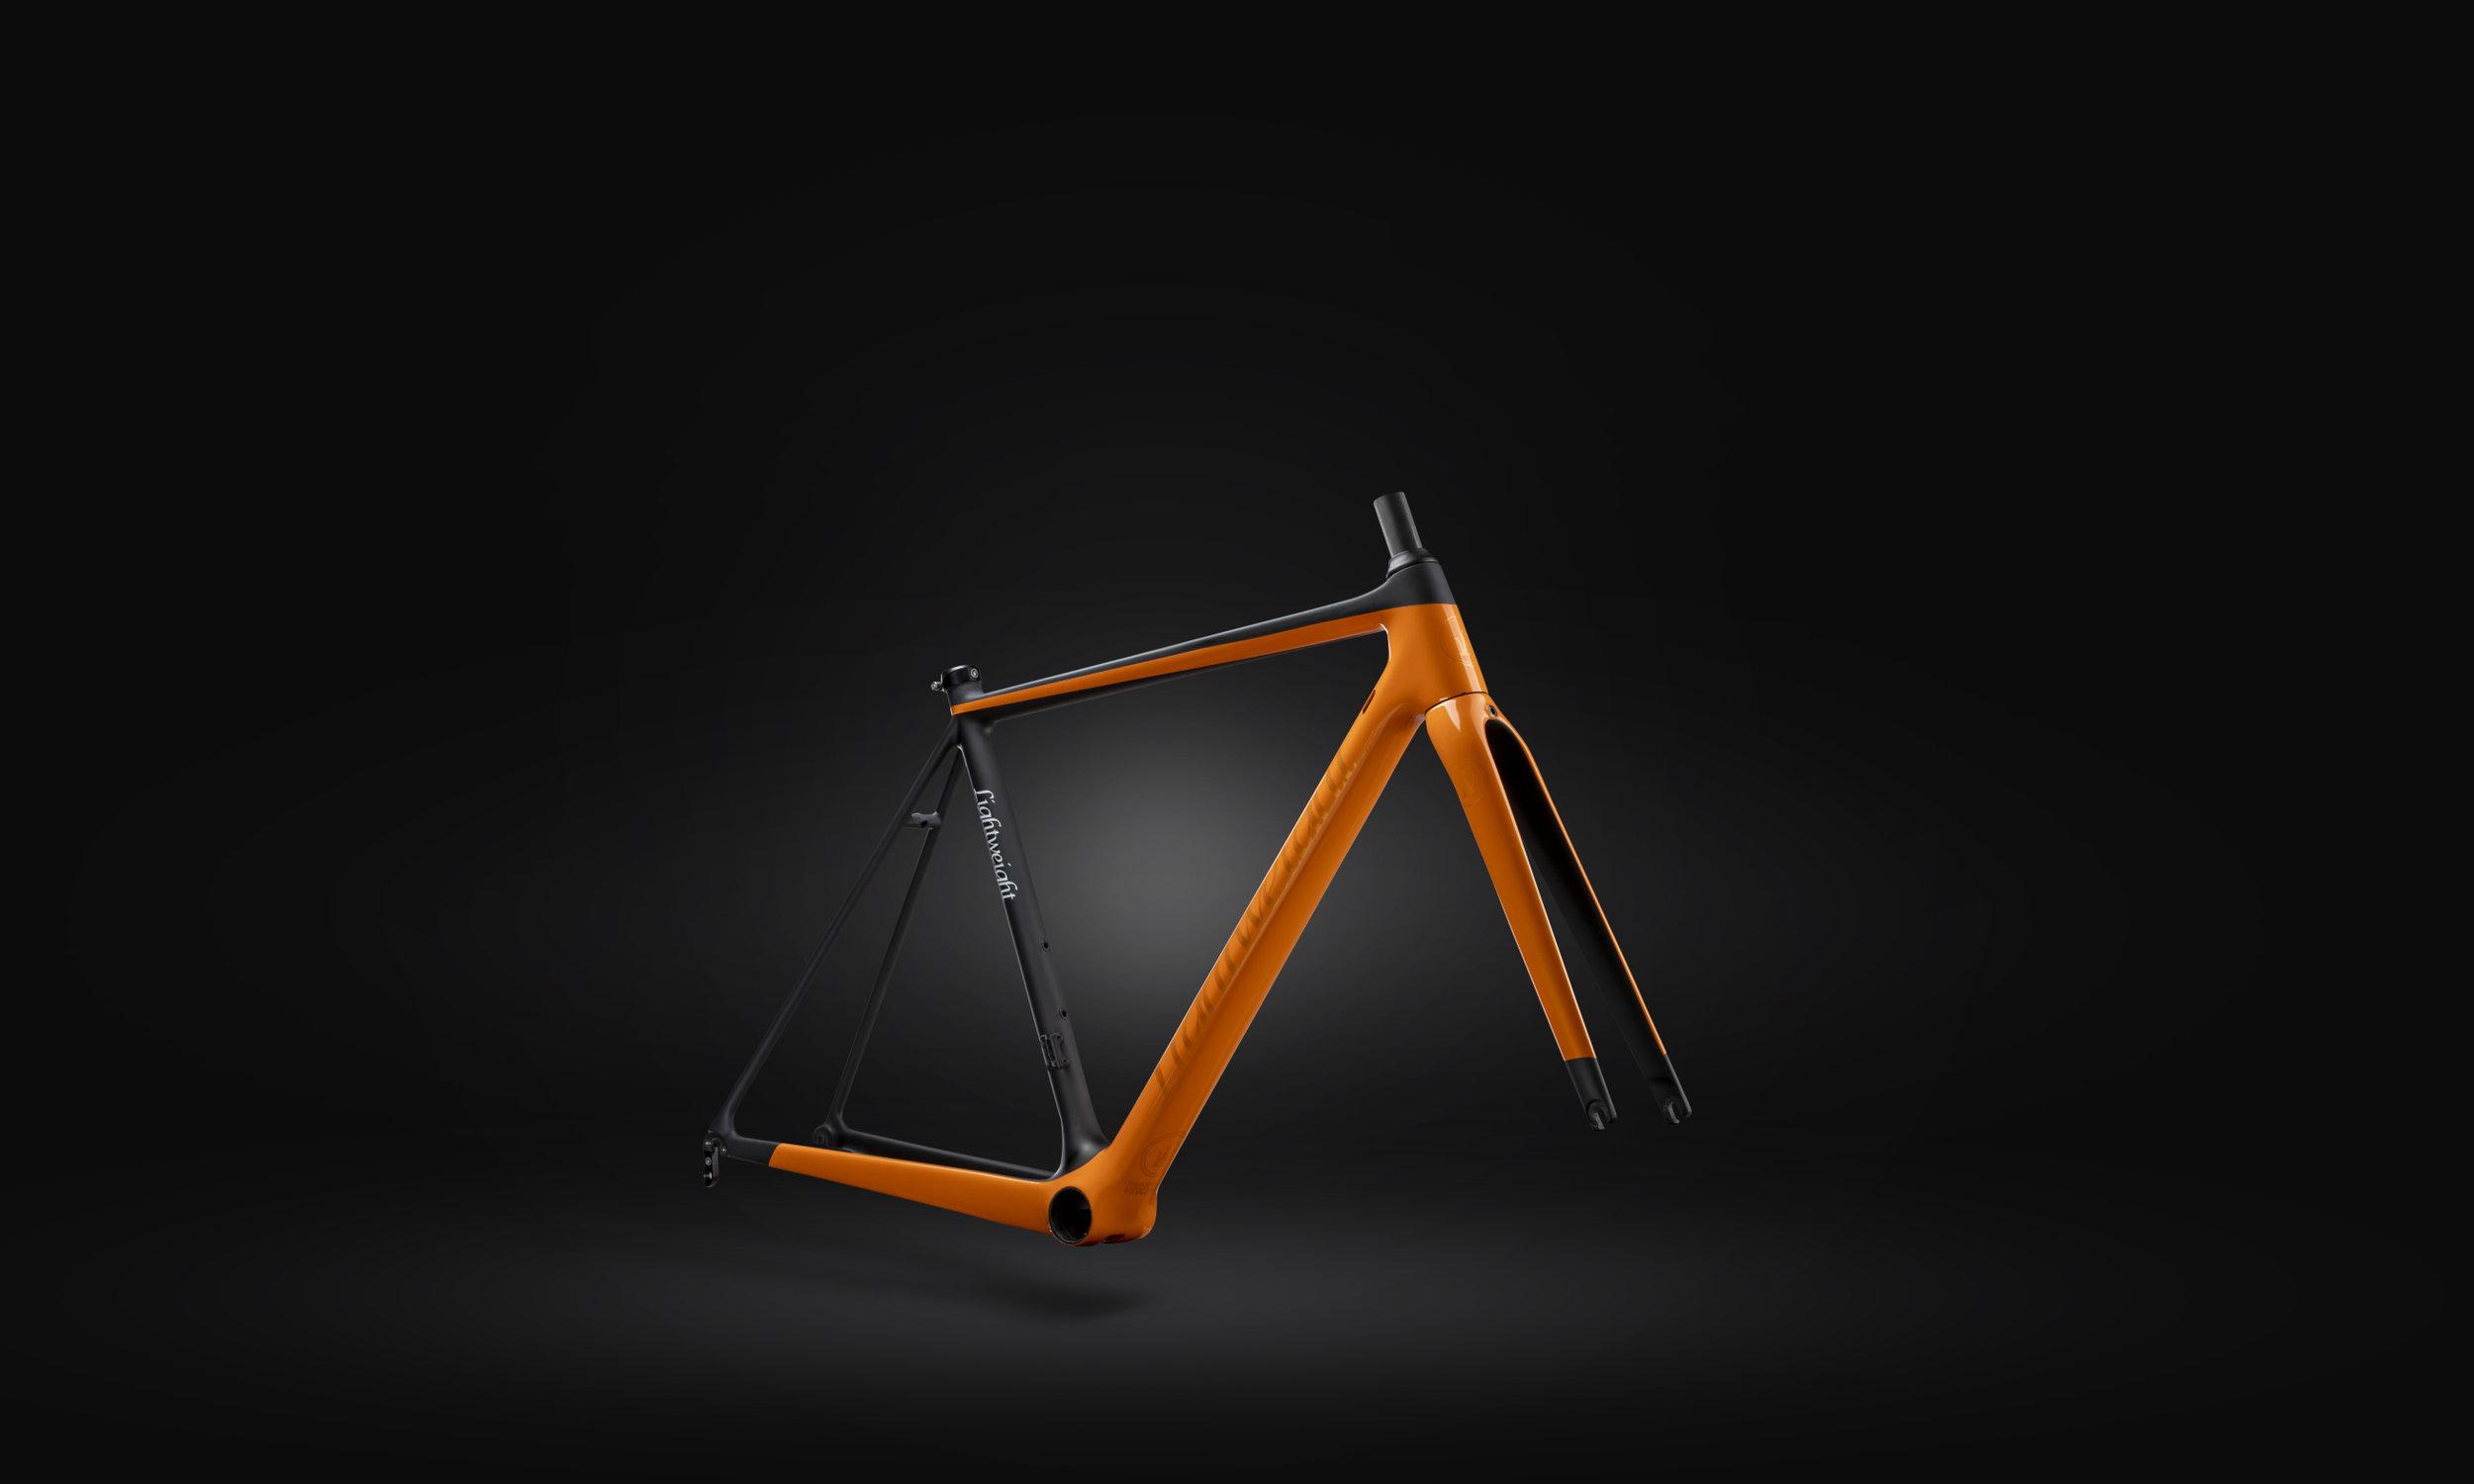 urgestalt_2019_orange_with_black_backround_04.jpg